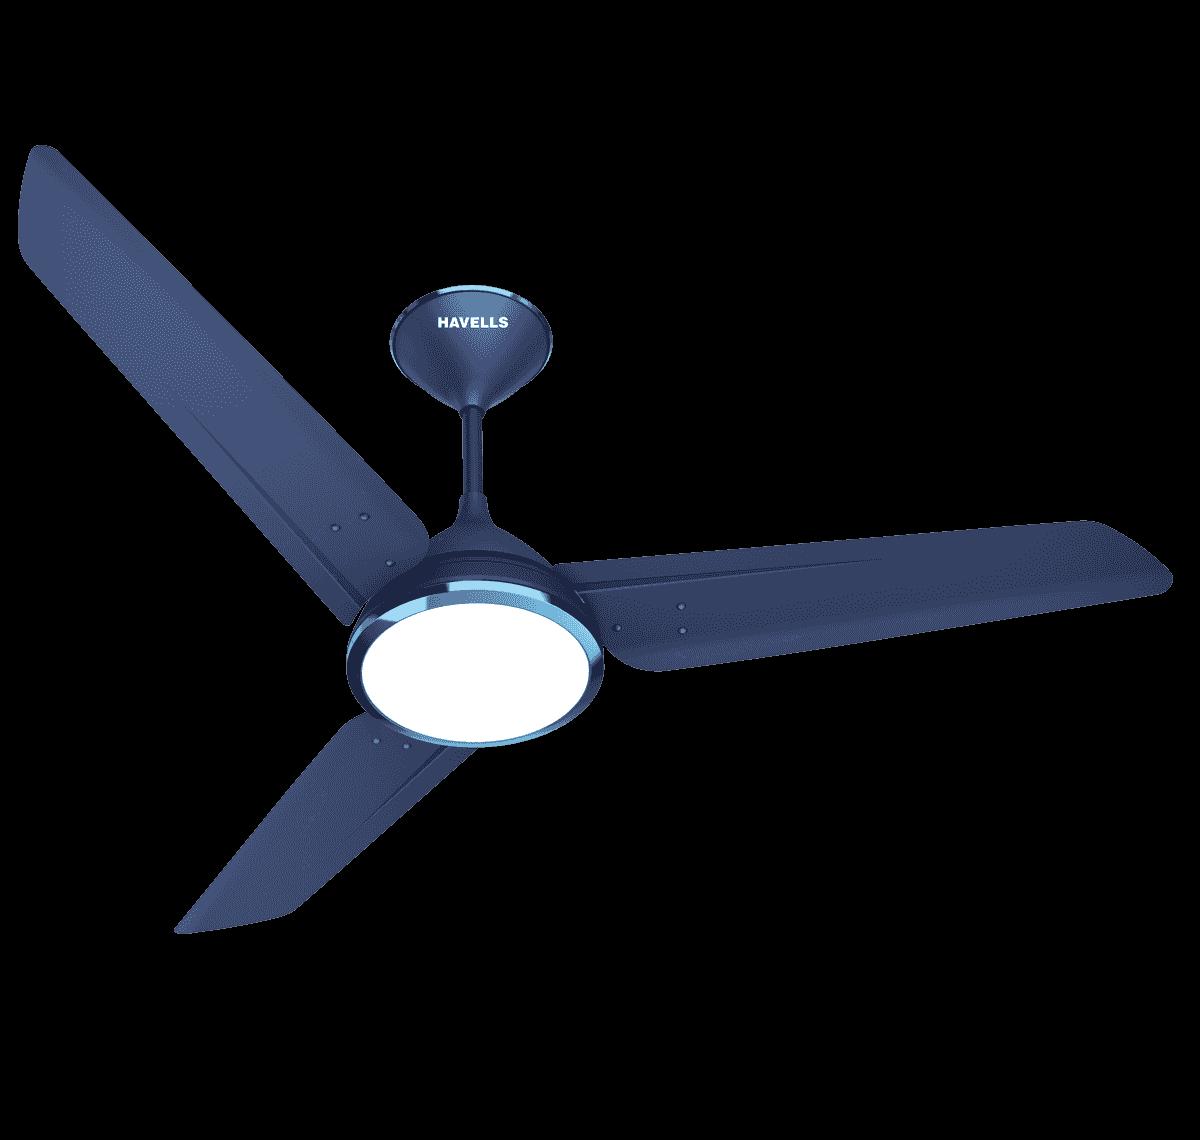 Premium Underlight Ceiling Fan - Havells India on